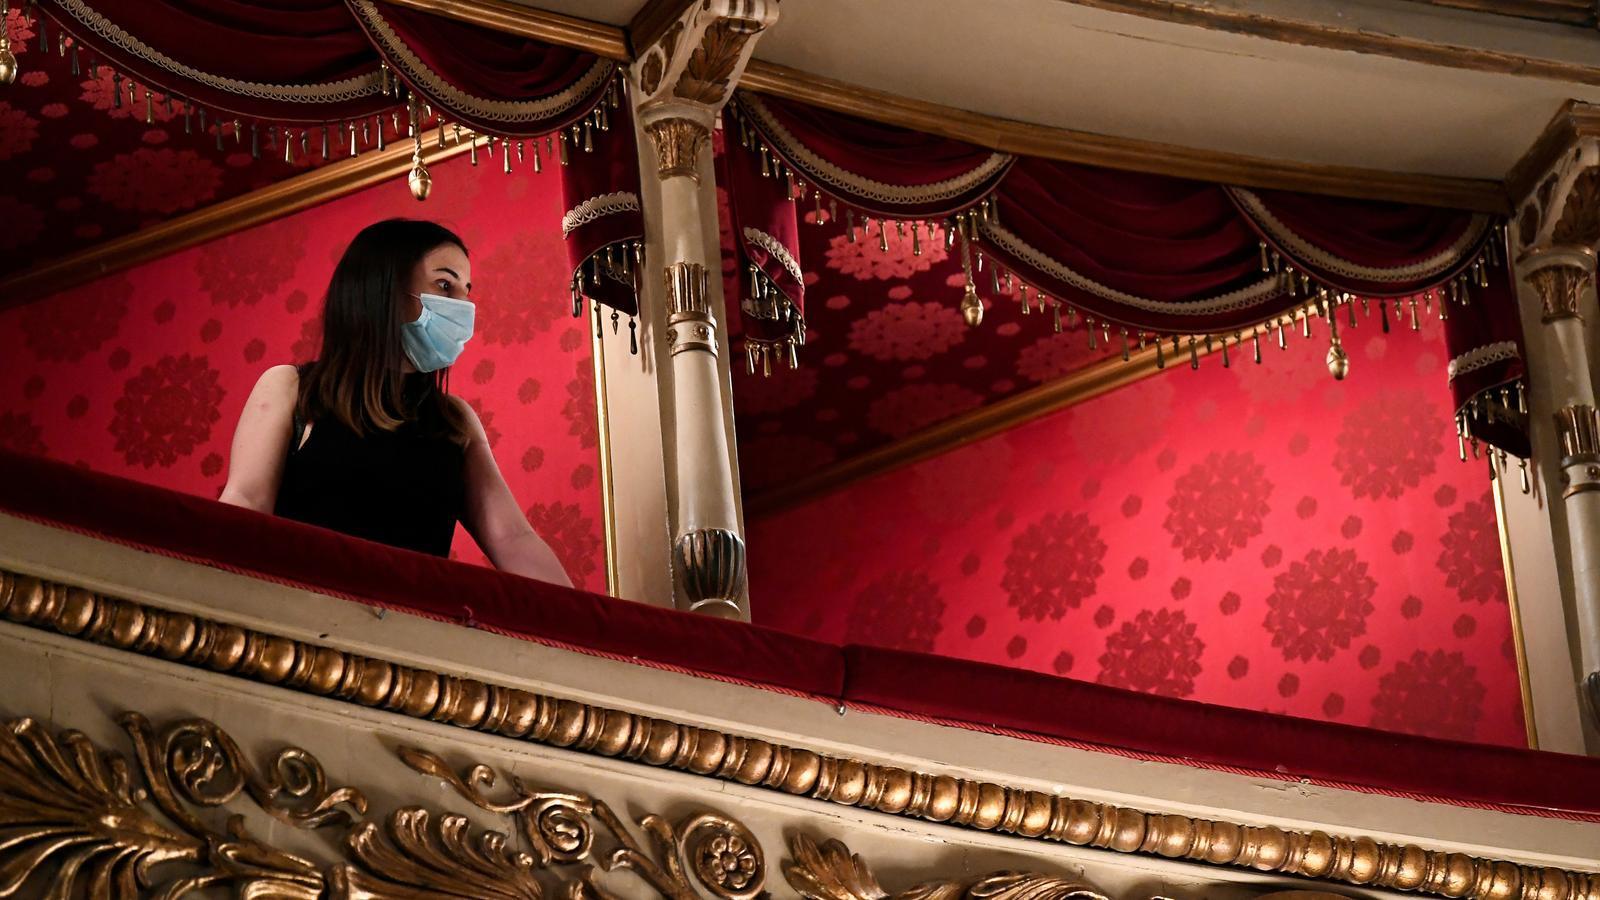 El teatre de l'òpera l'Scala de Milà va reobrir el 21 de juny.